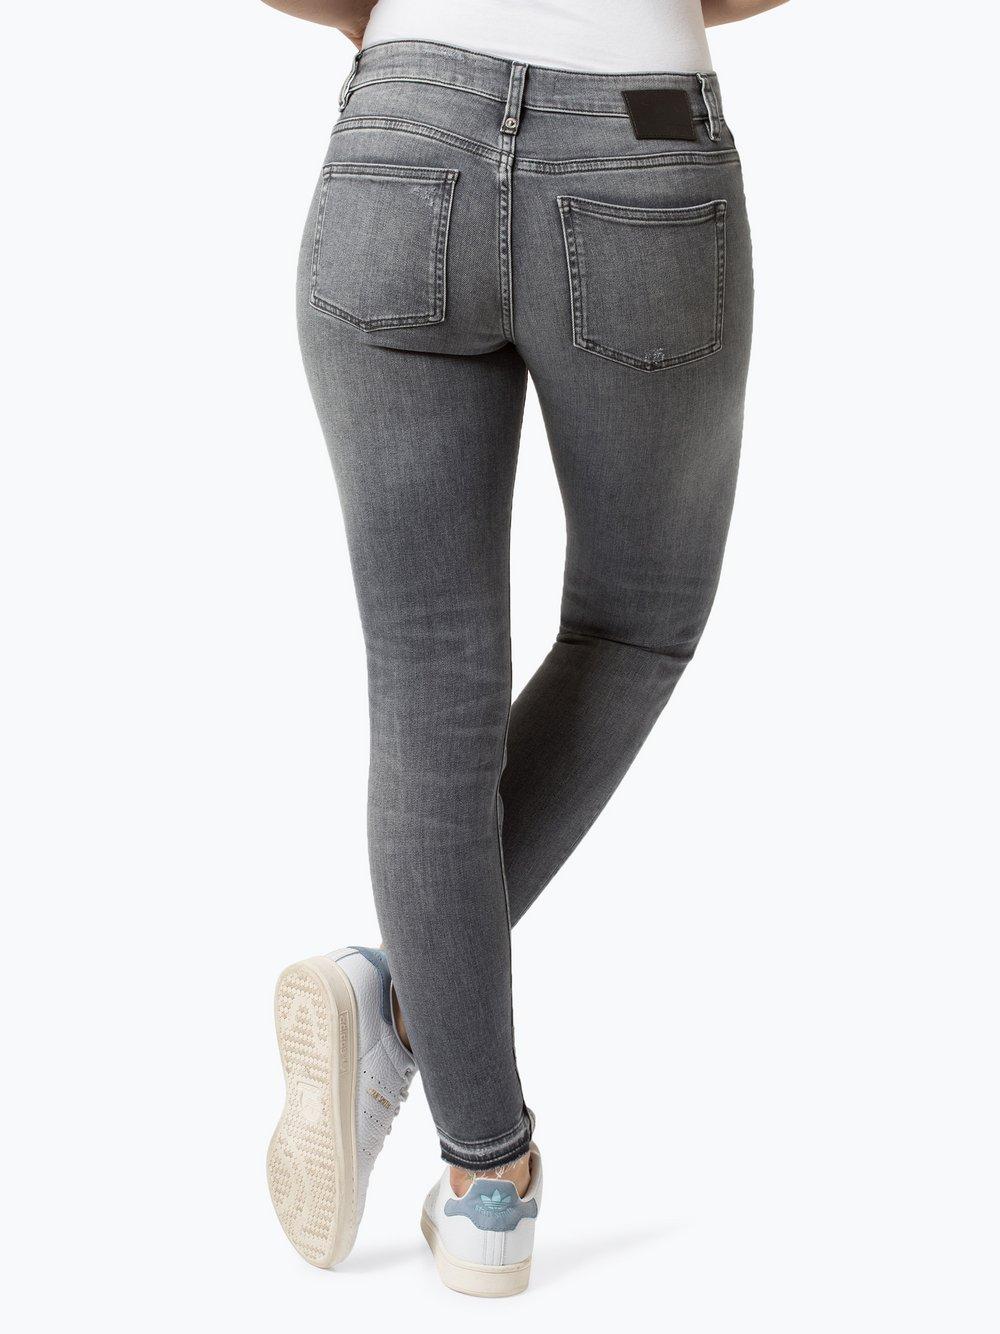 Jeans NEED Damen grau Drykorn Günstig Kaufen Shop Ausgang Erhalten Authentisch Erhalten Günstig Online Kaufen Günstigsten Preis iAuSTq0CZ